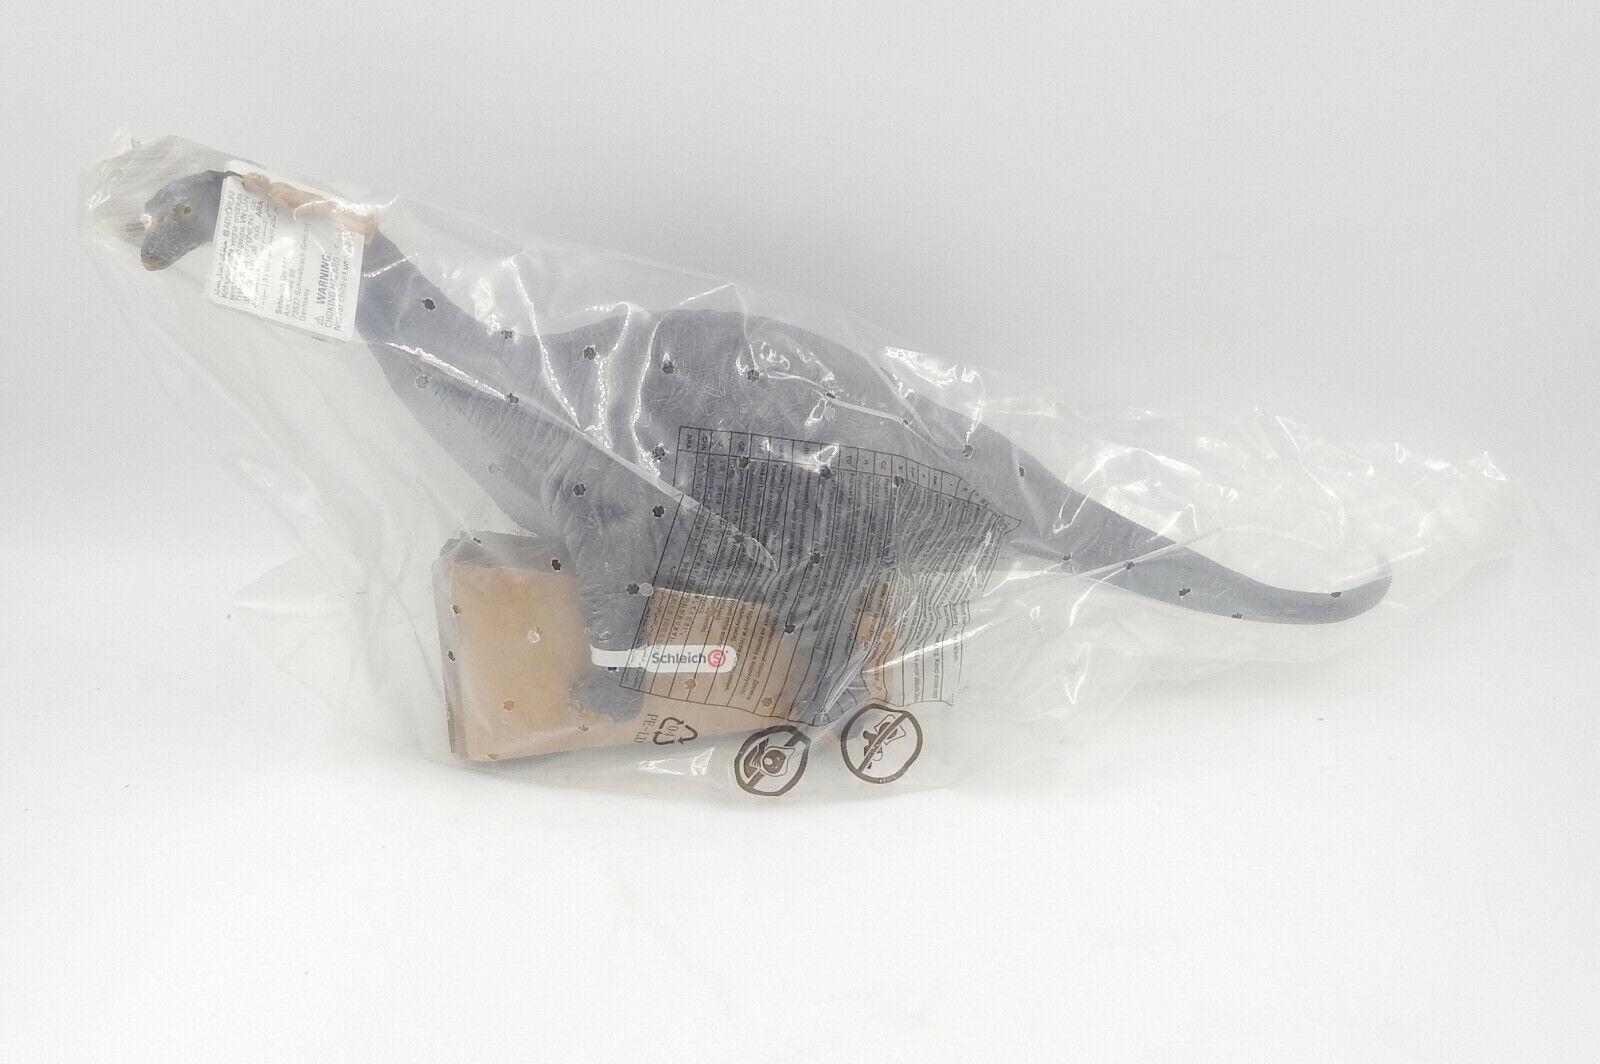 Schleich 16462 - Urzeittiere Apatosaurus - Dinosaurier   dinosaur - NEU   OVP